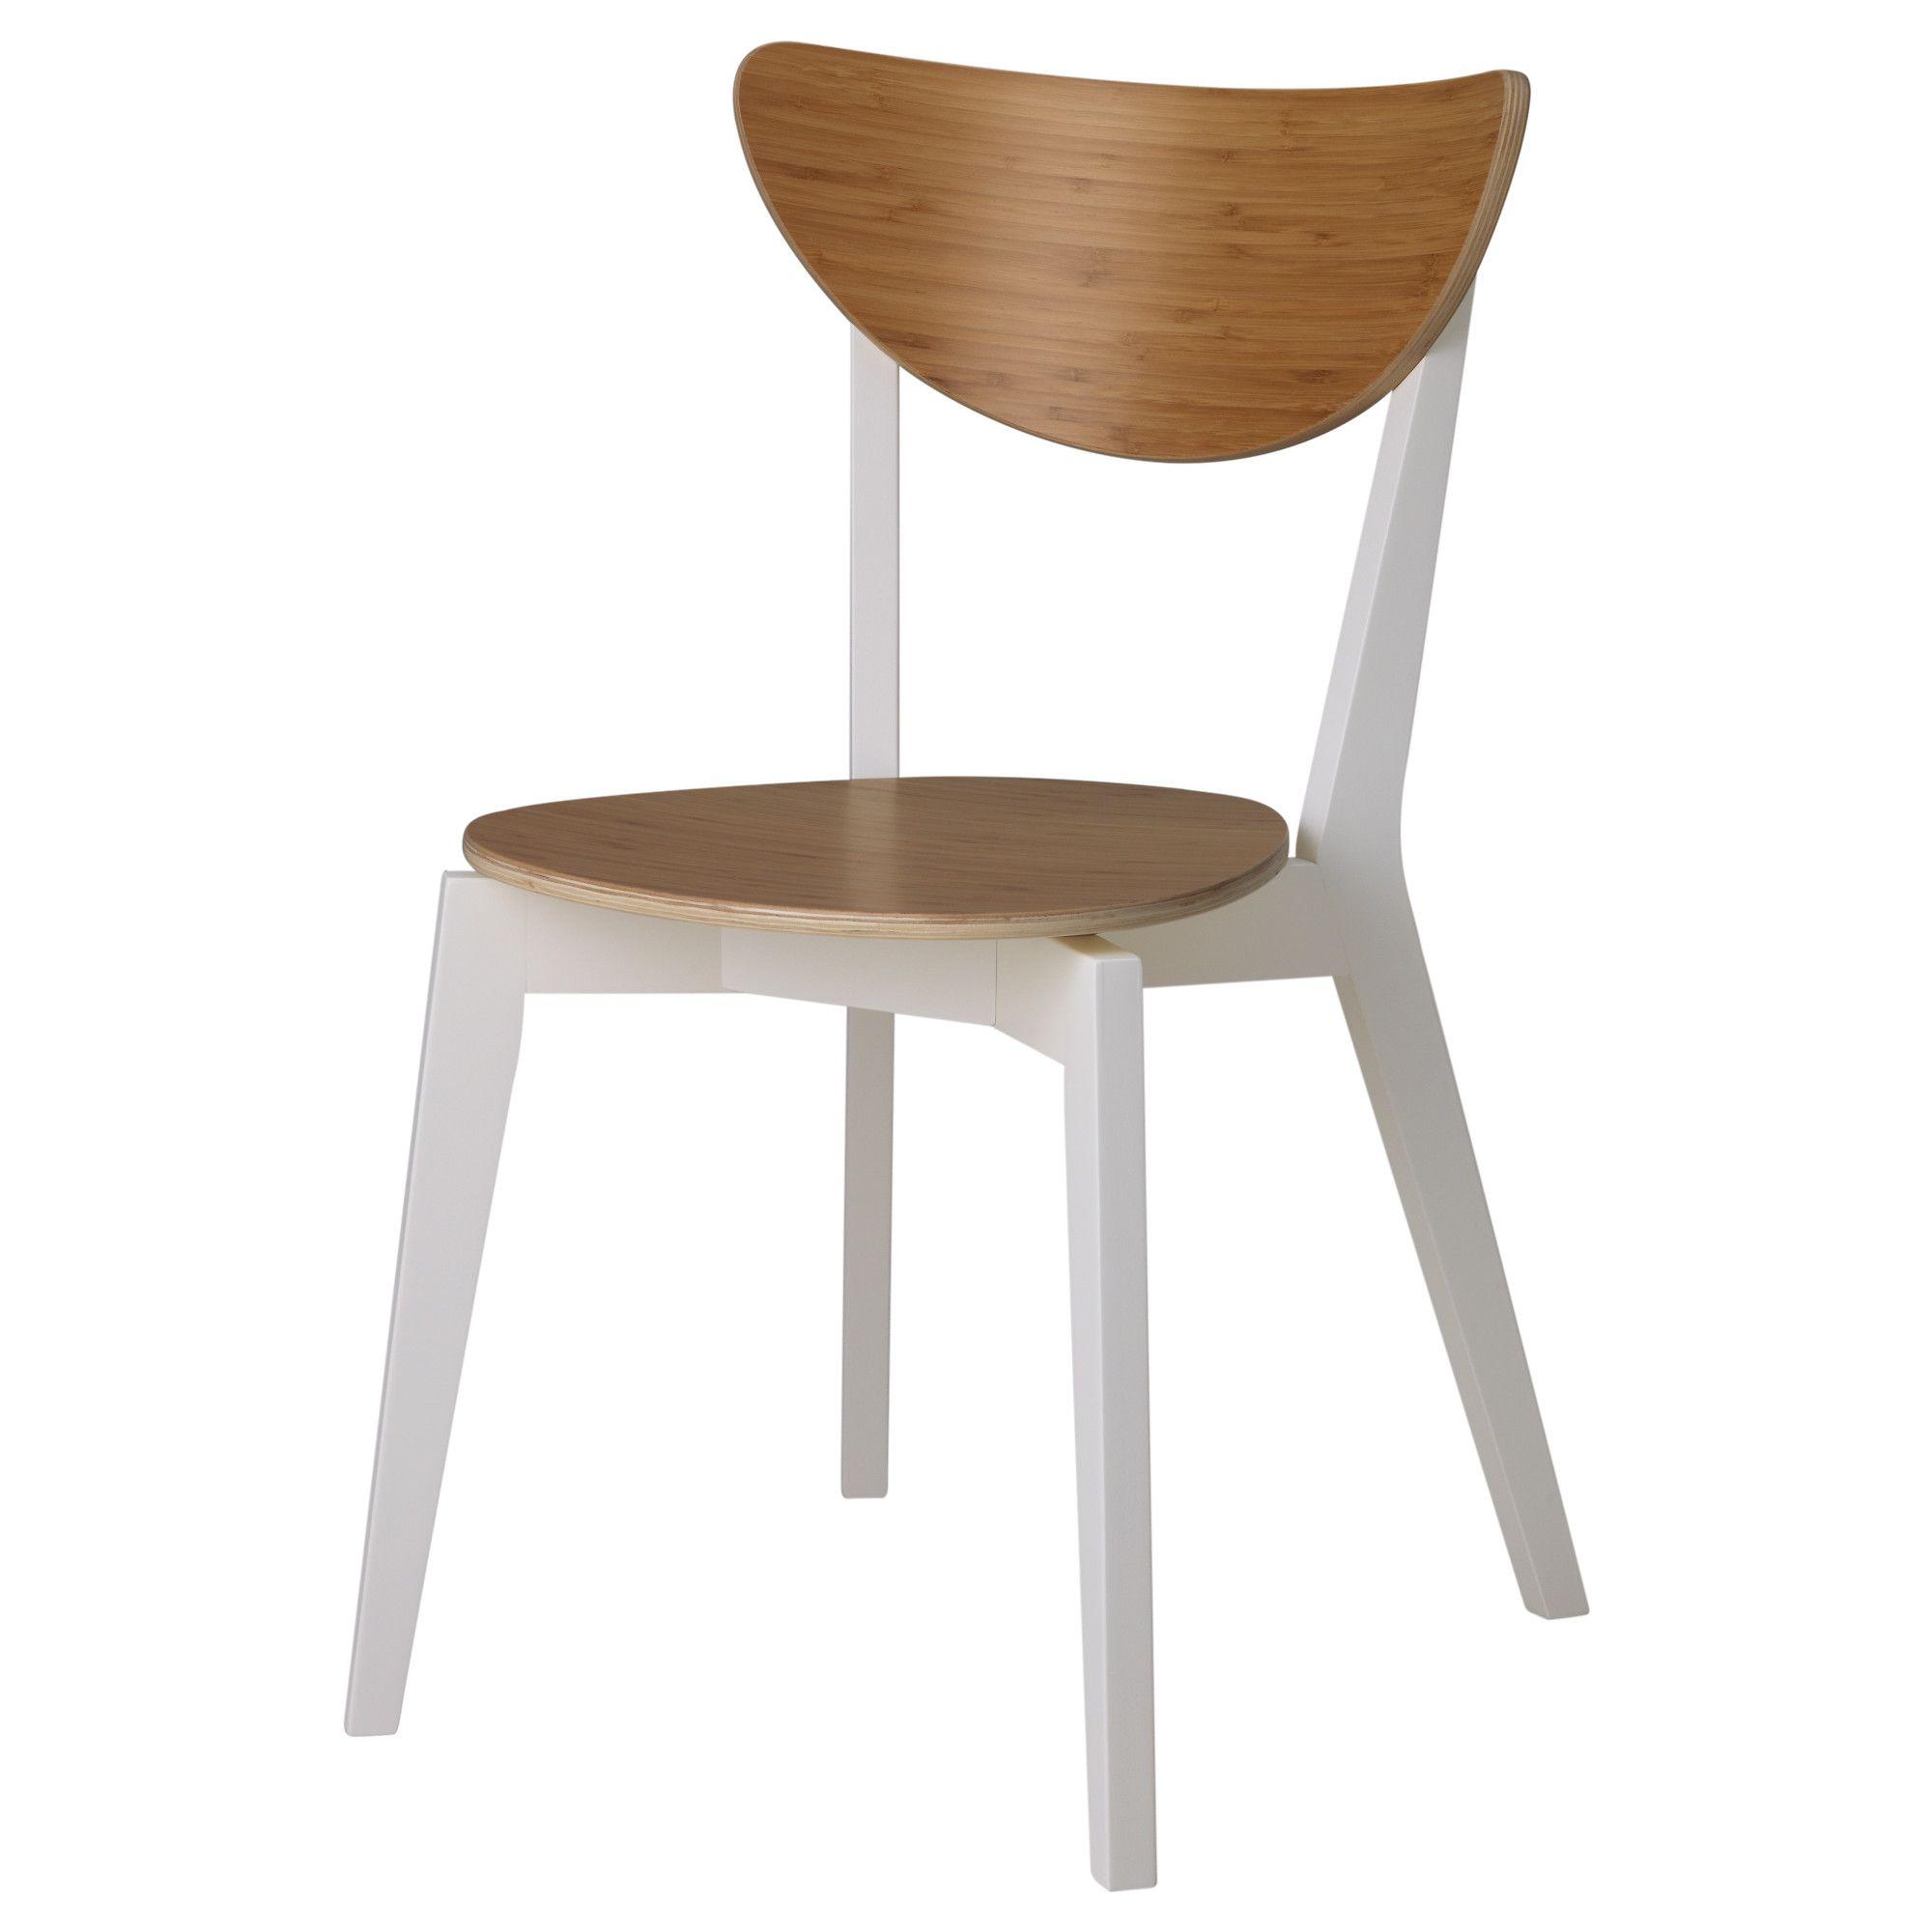 f4d951fb943b66340e120c3ba3535c82 Luxe De Pied De Table Basse Ikea Schème